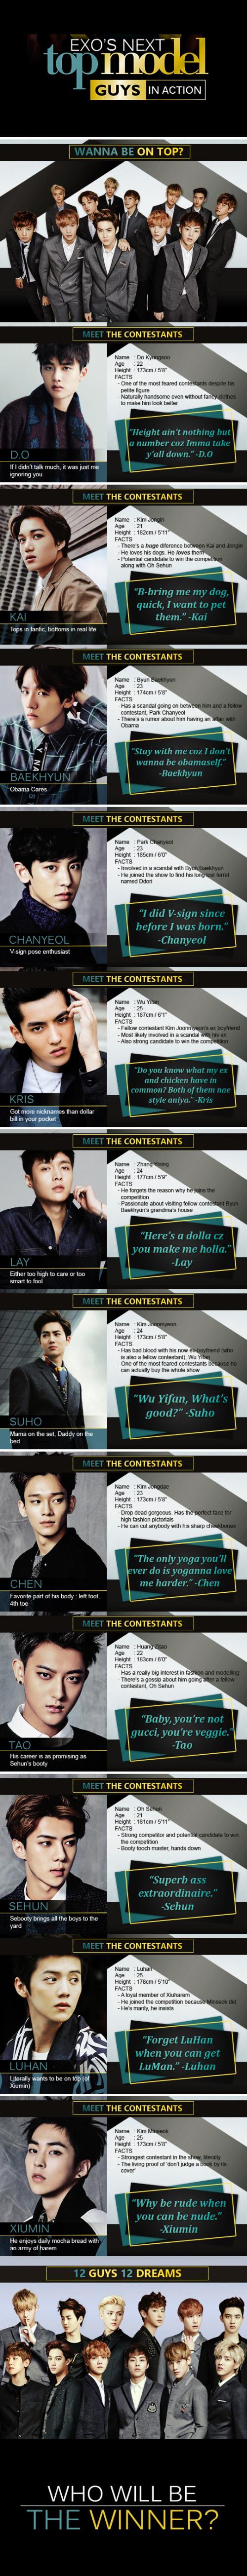 Lols at all the EXO inside jokes. ∾∙♕❁∙∽∘ yoυ ɑʀe ϻʏ ☼ ,ϻʏ☽ ɑɴd ɑʟʟ ϻʏ ✰'s ∘∽∙❁♕∙∾